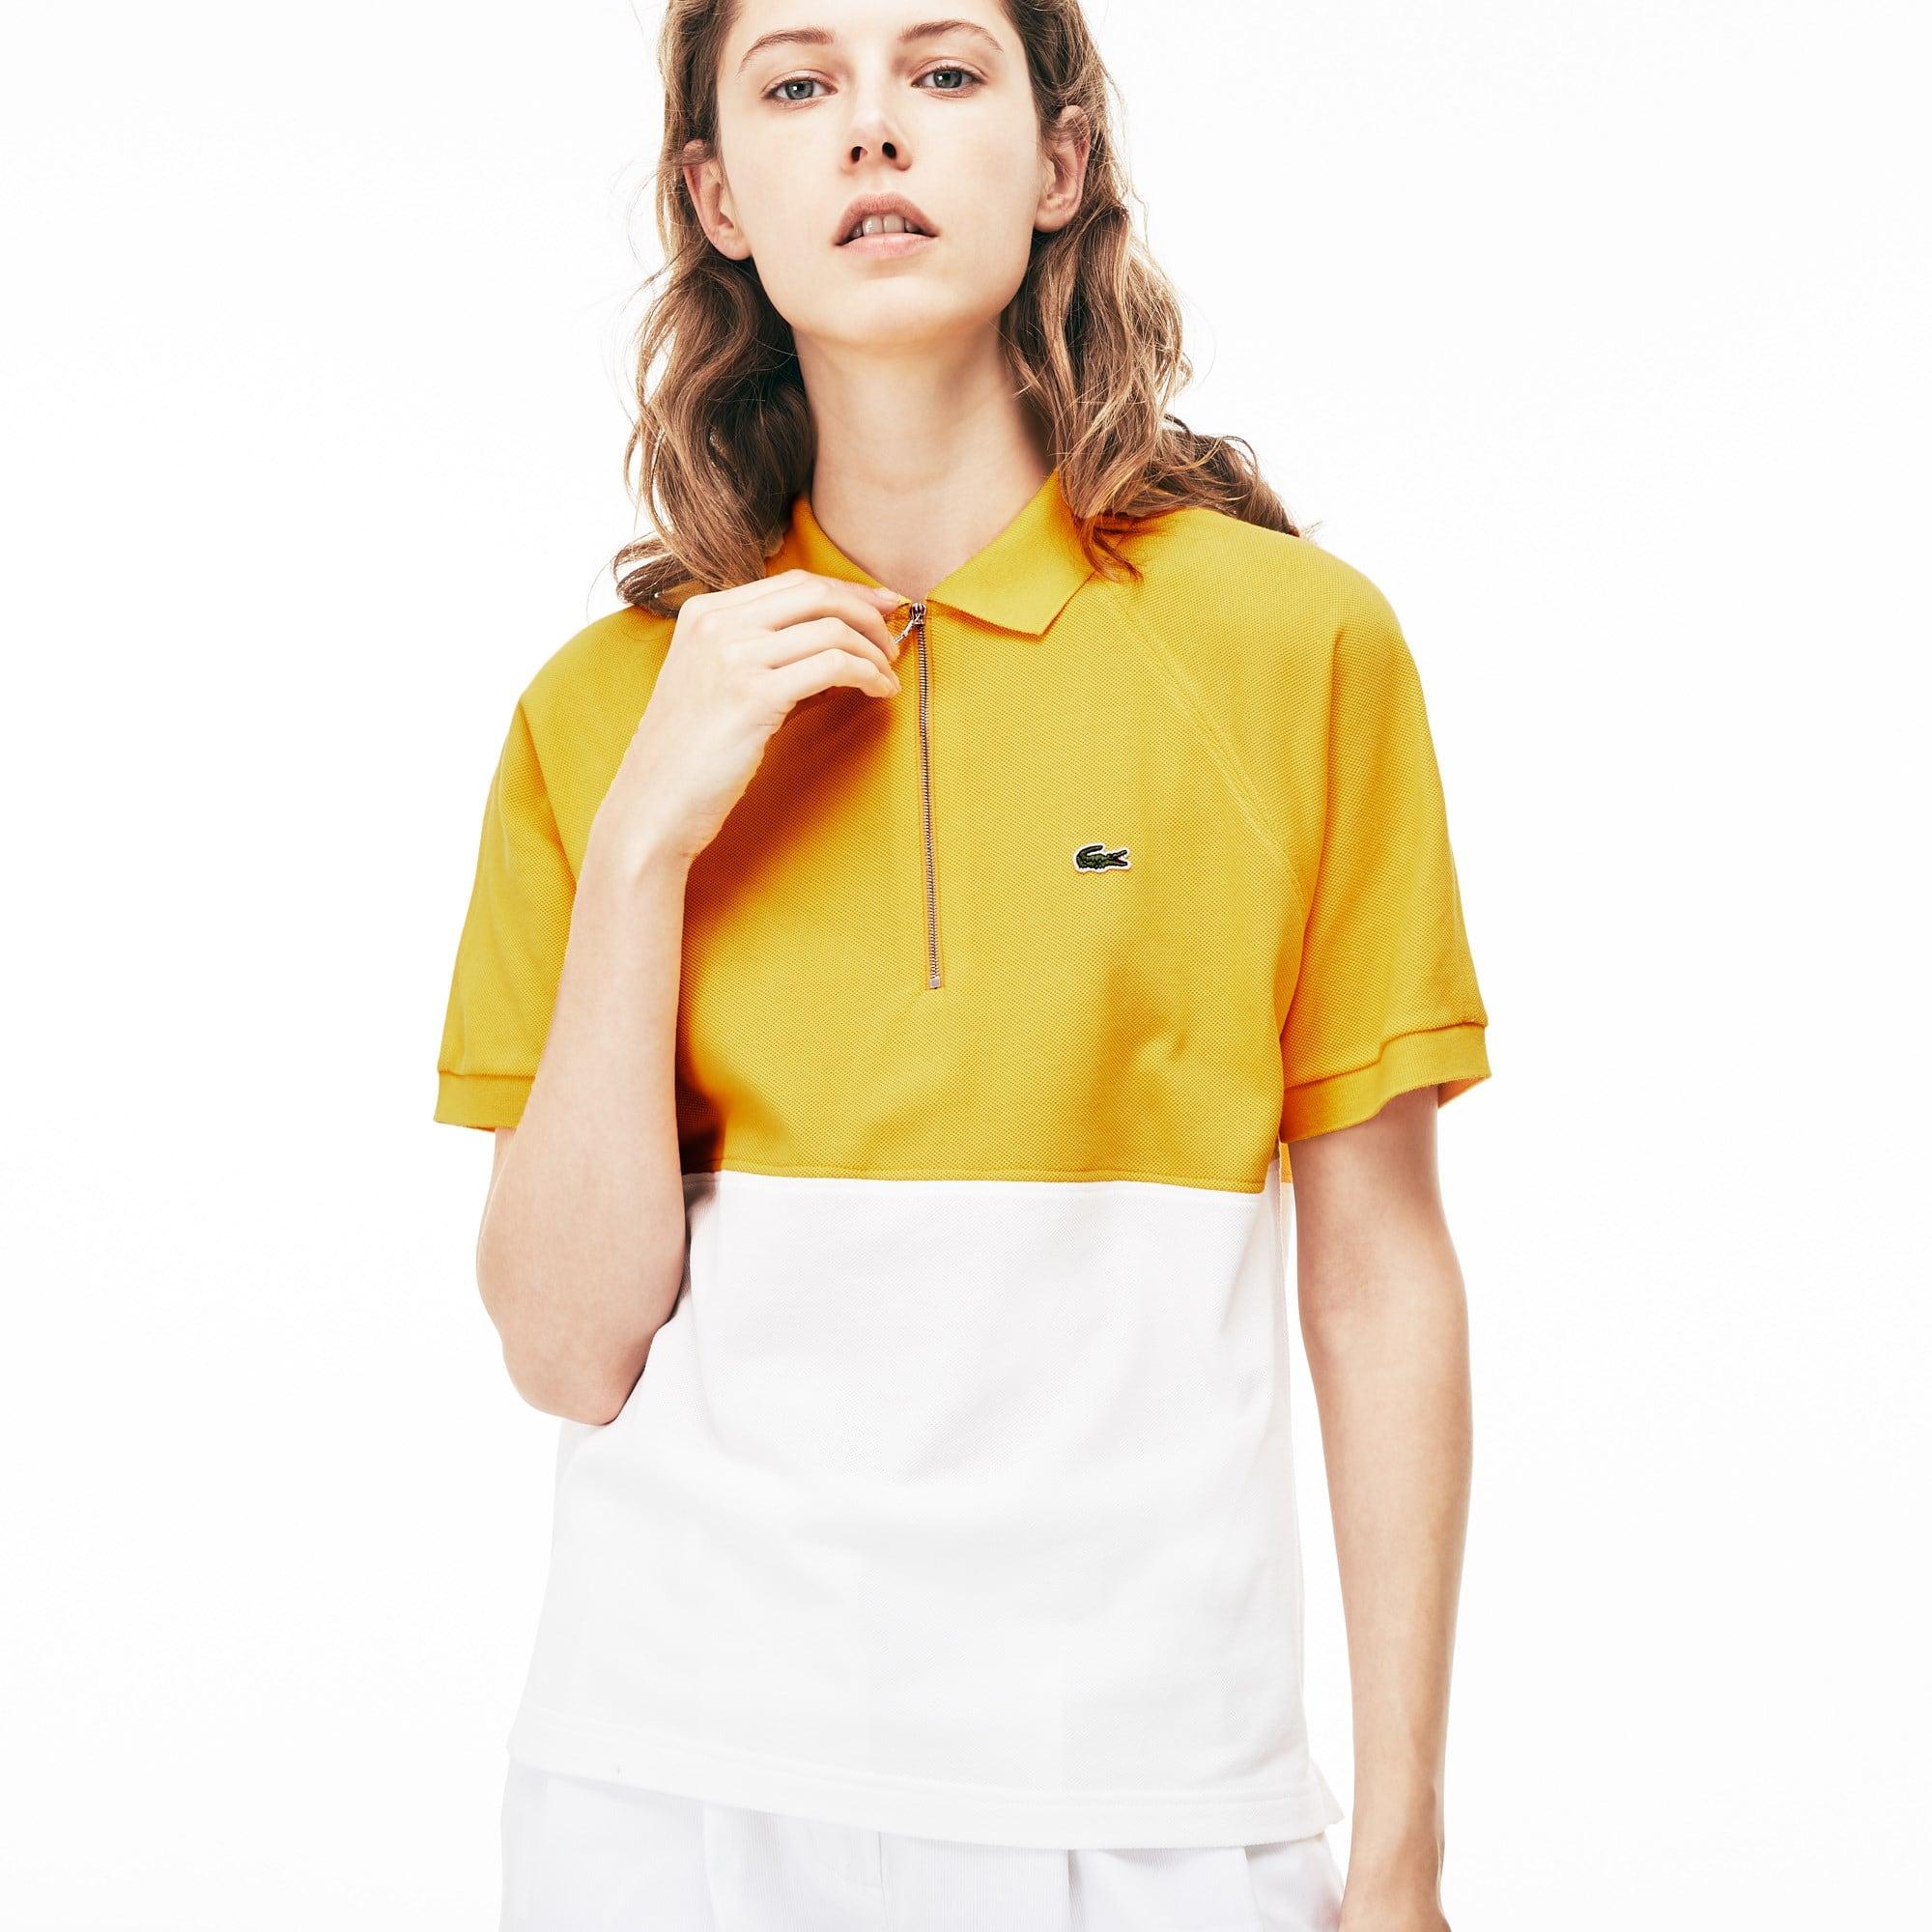 67d94880d قمصان بولو للنساء: بأكمام طويلة وبدون أكمام | LACOSTE